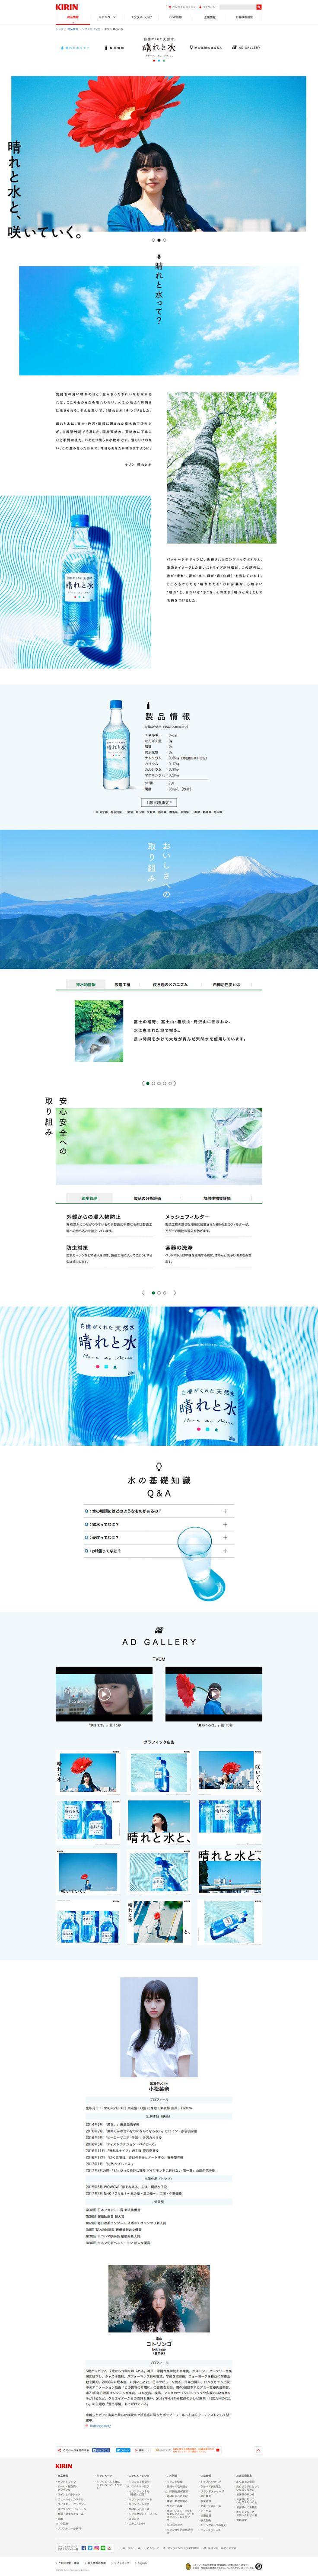 キリン 晴れと水 http://www.kirin.co.jp/products/softdrink/haremizu/